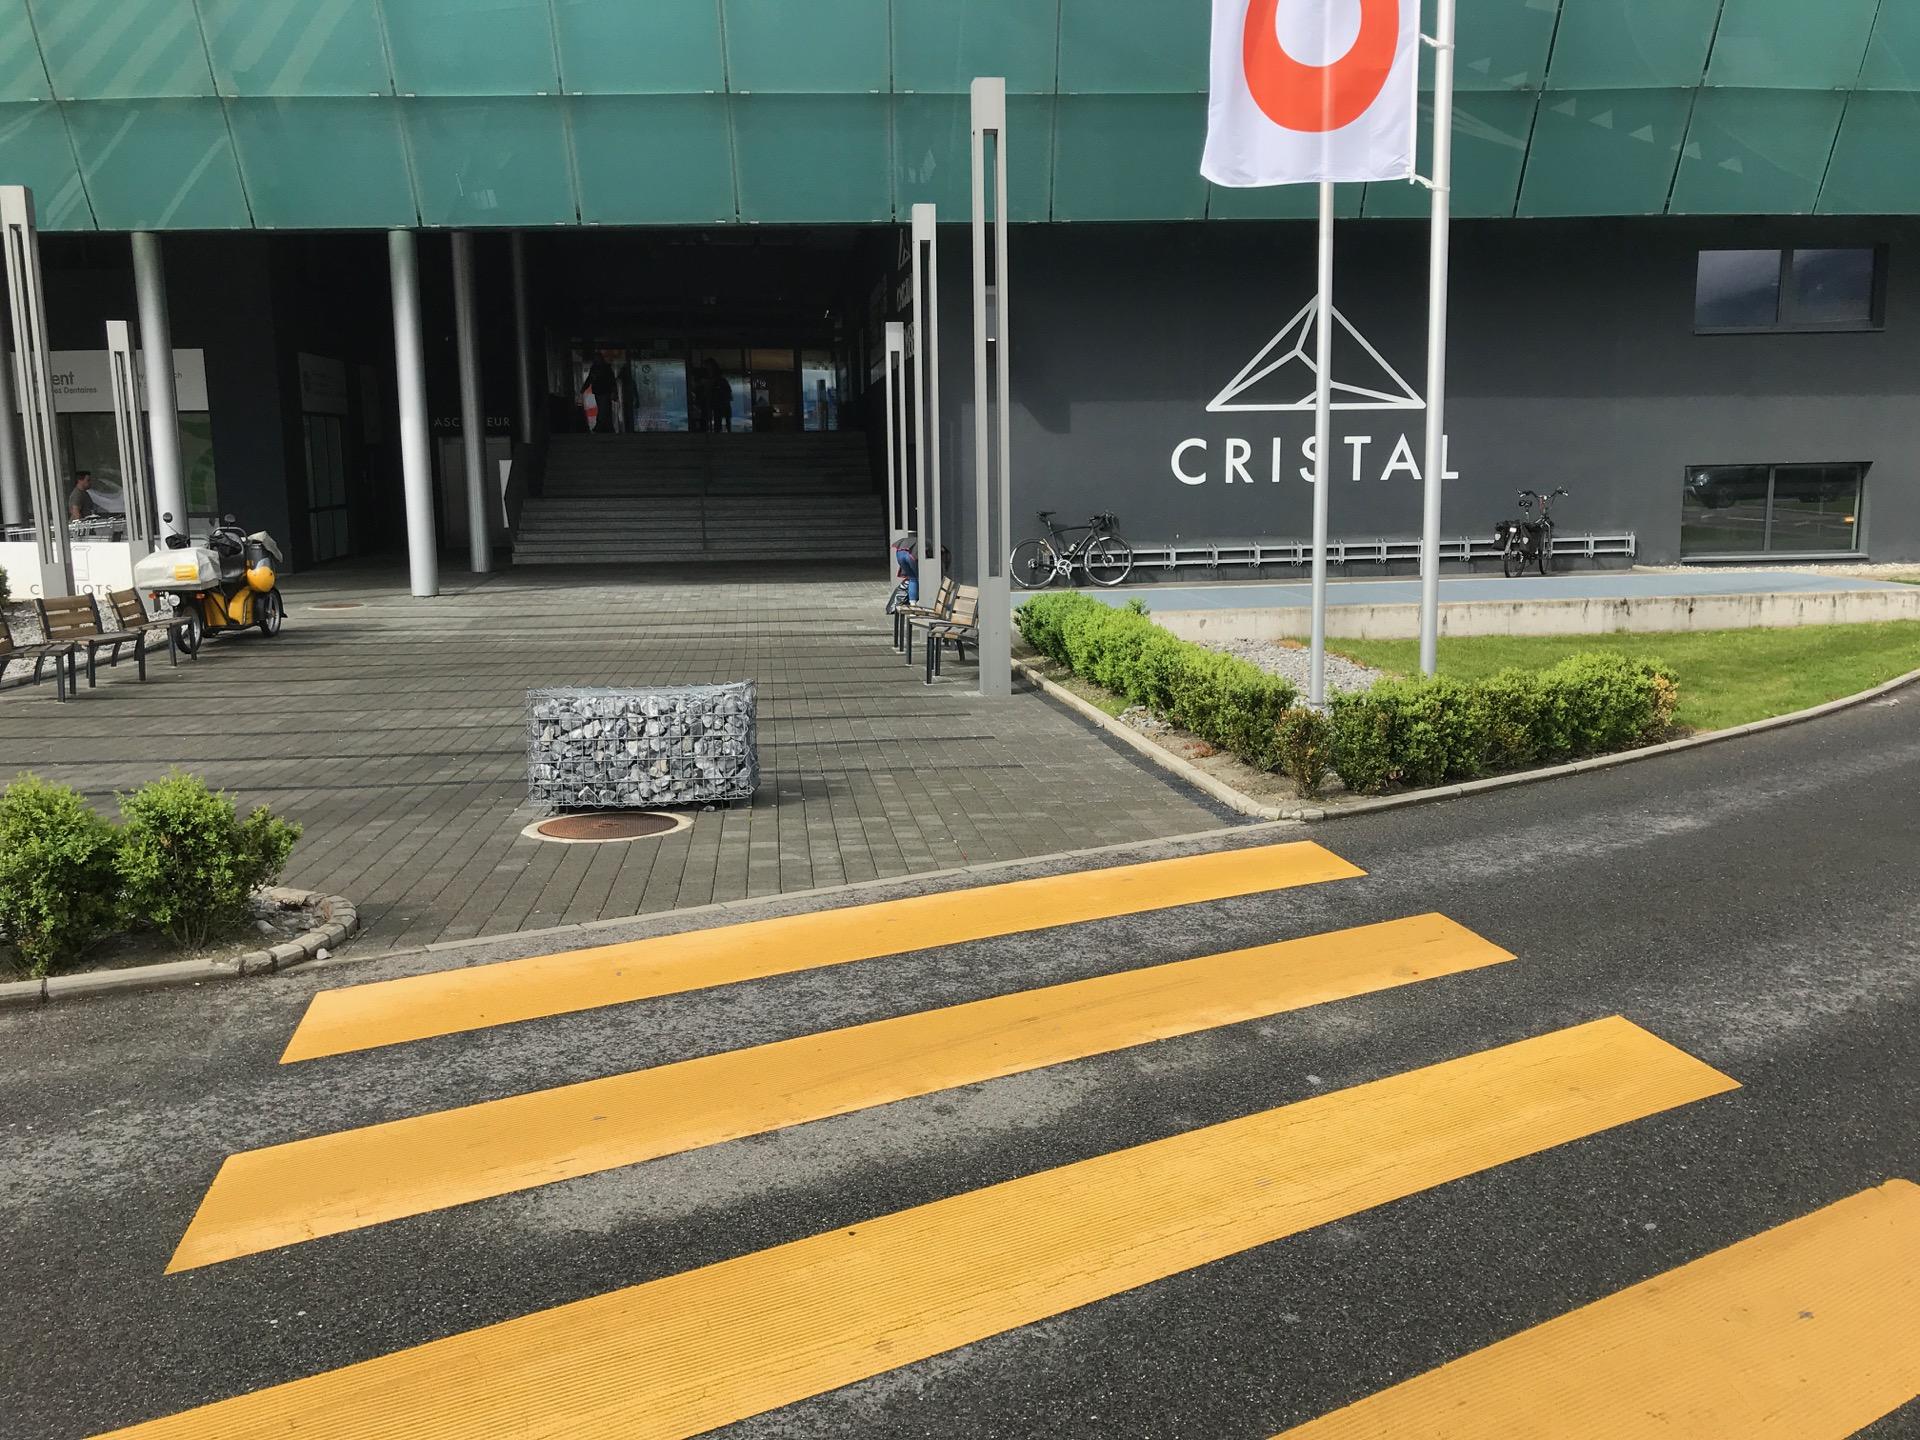 L'accès des personnes à vélo se fait par ce passage piéton.